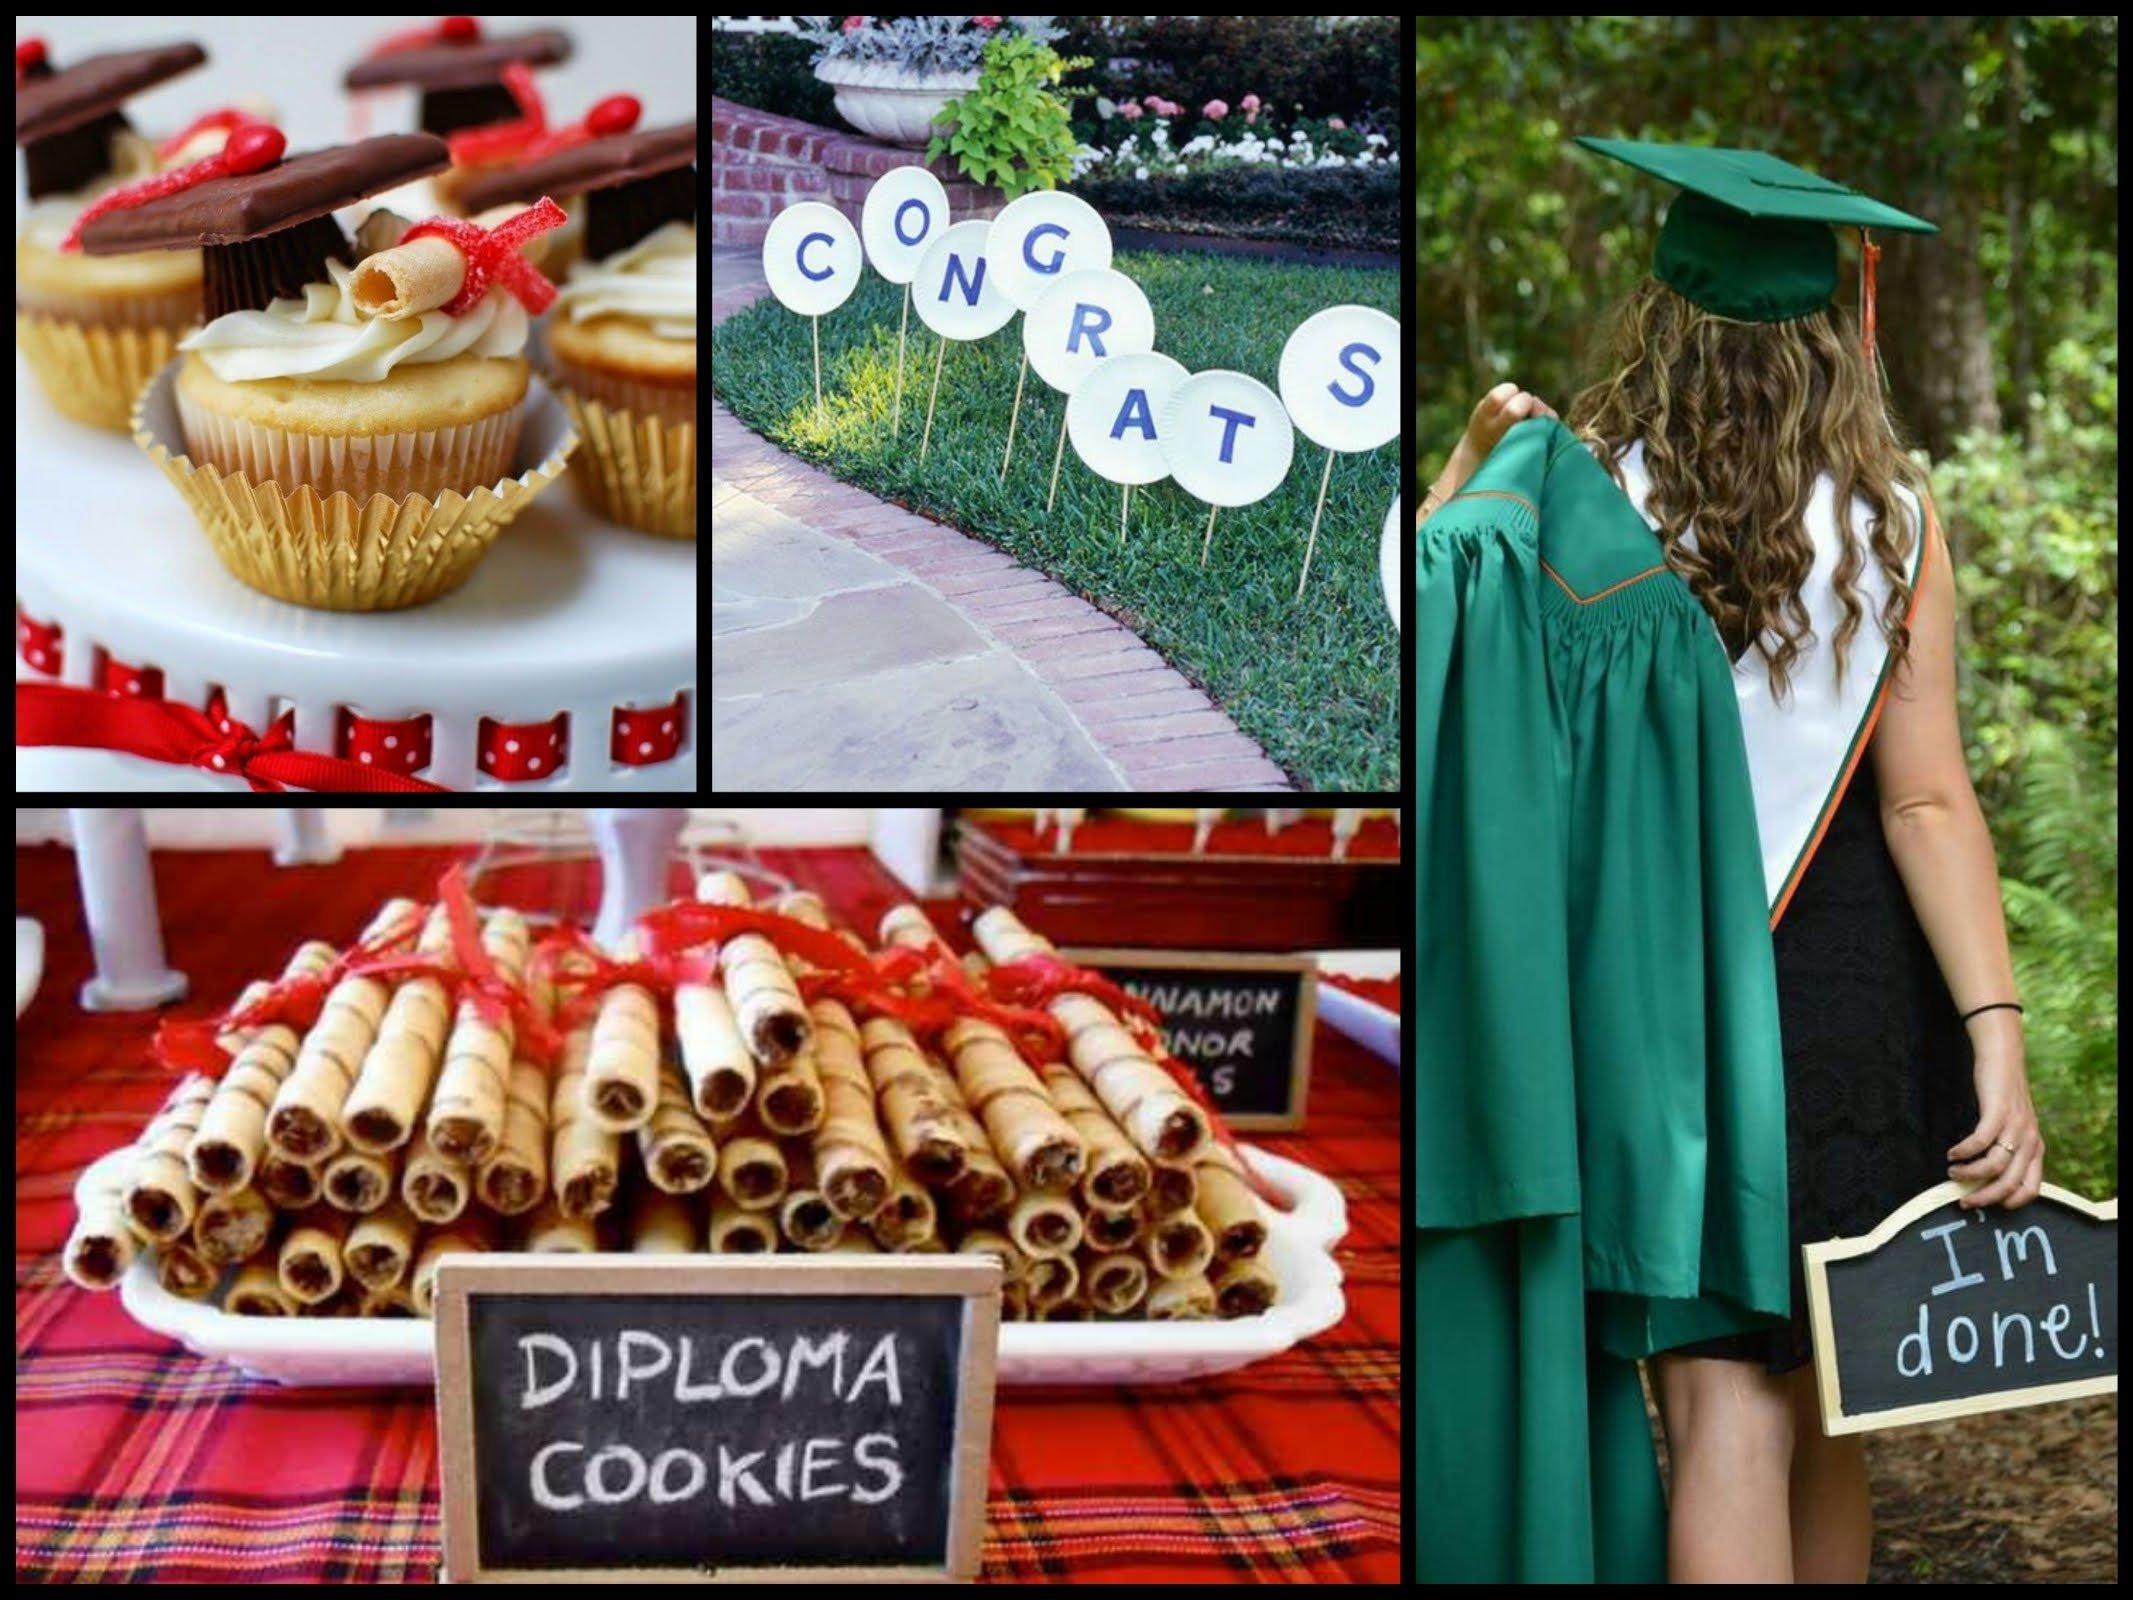 10 Attractive High School Graduation Party Menu Ideas 25 diy graduation party ideas youtube 4 2020